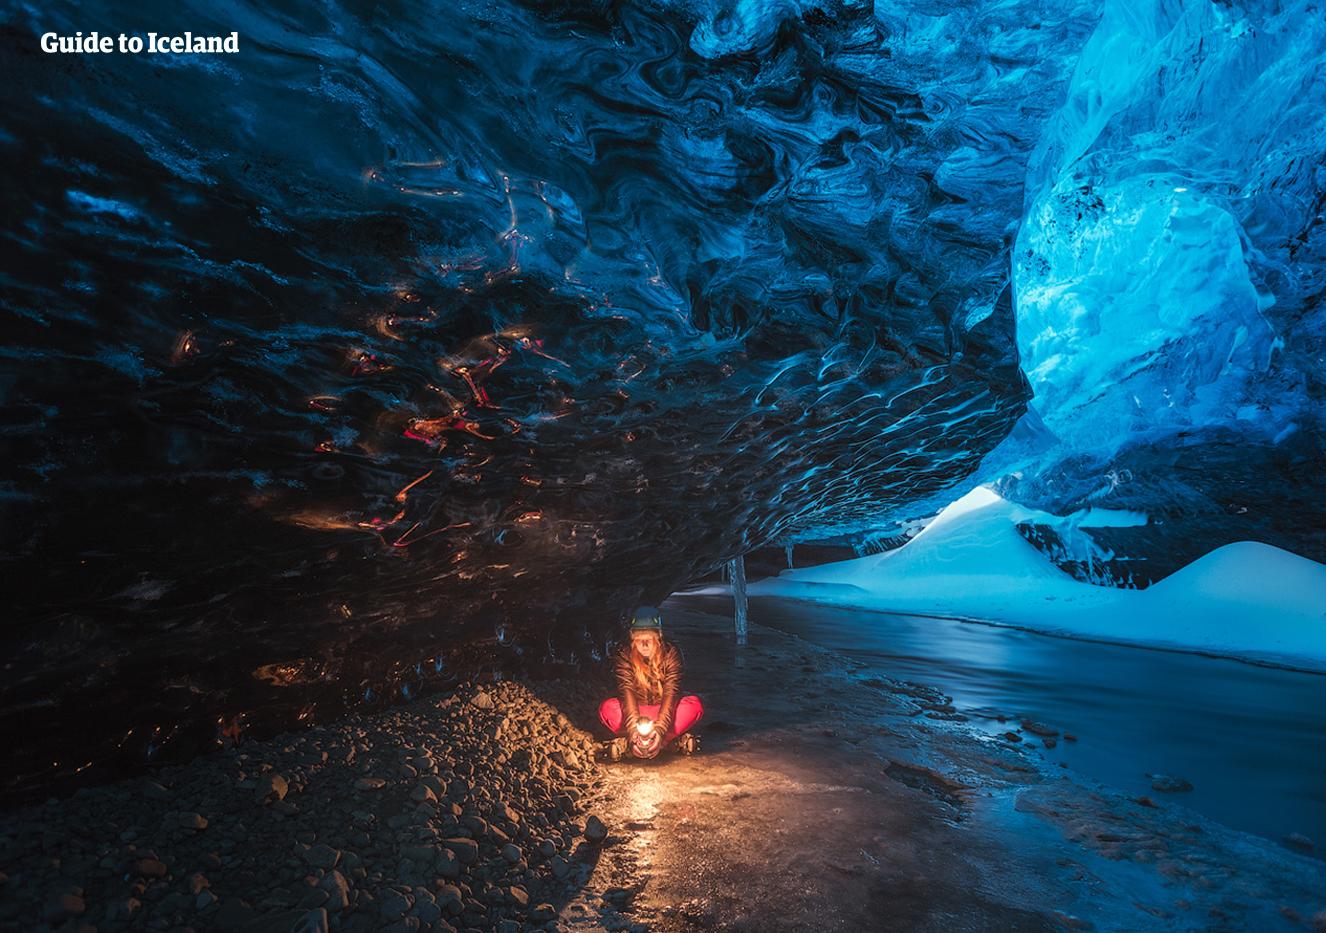 Mellan november och mars är det möjligt att utforska en naturlig isgrotta. Det är en unik upplevelse som du inte bör missa.